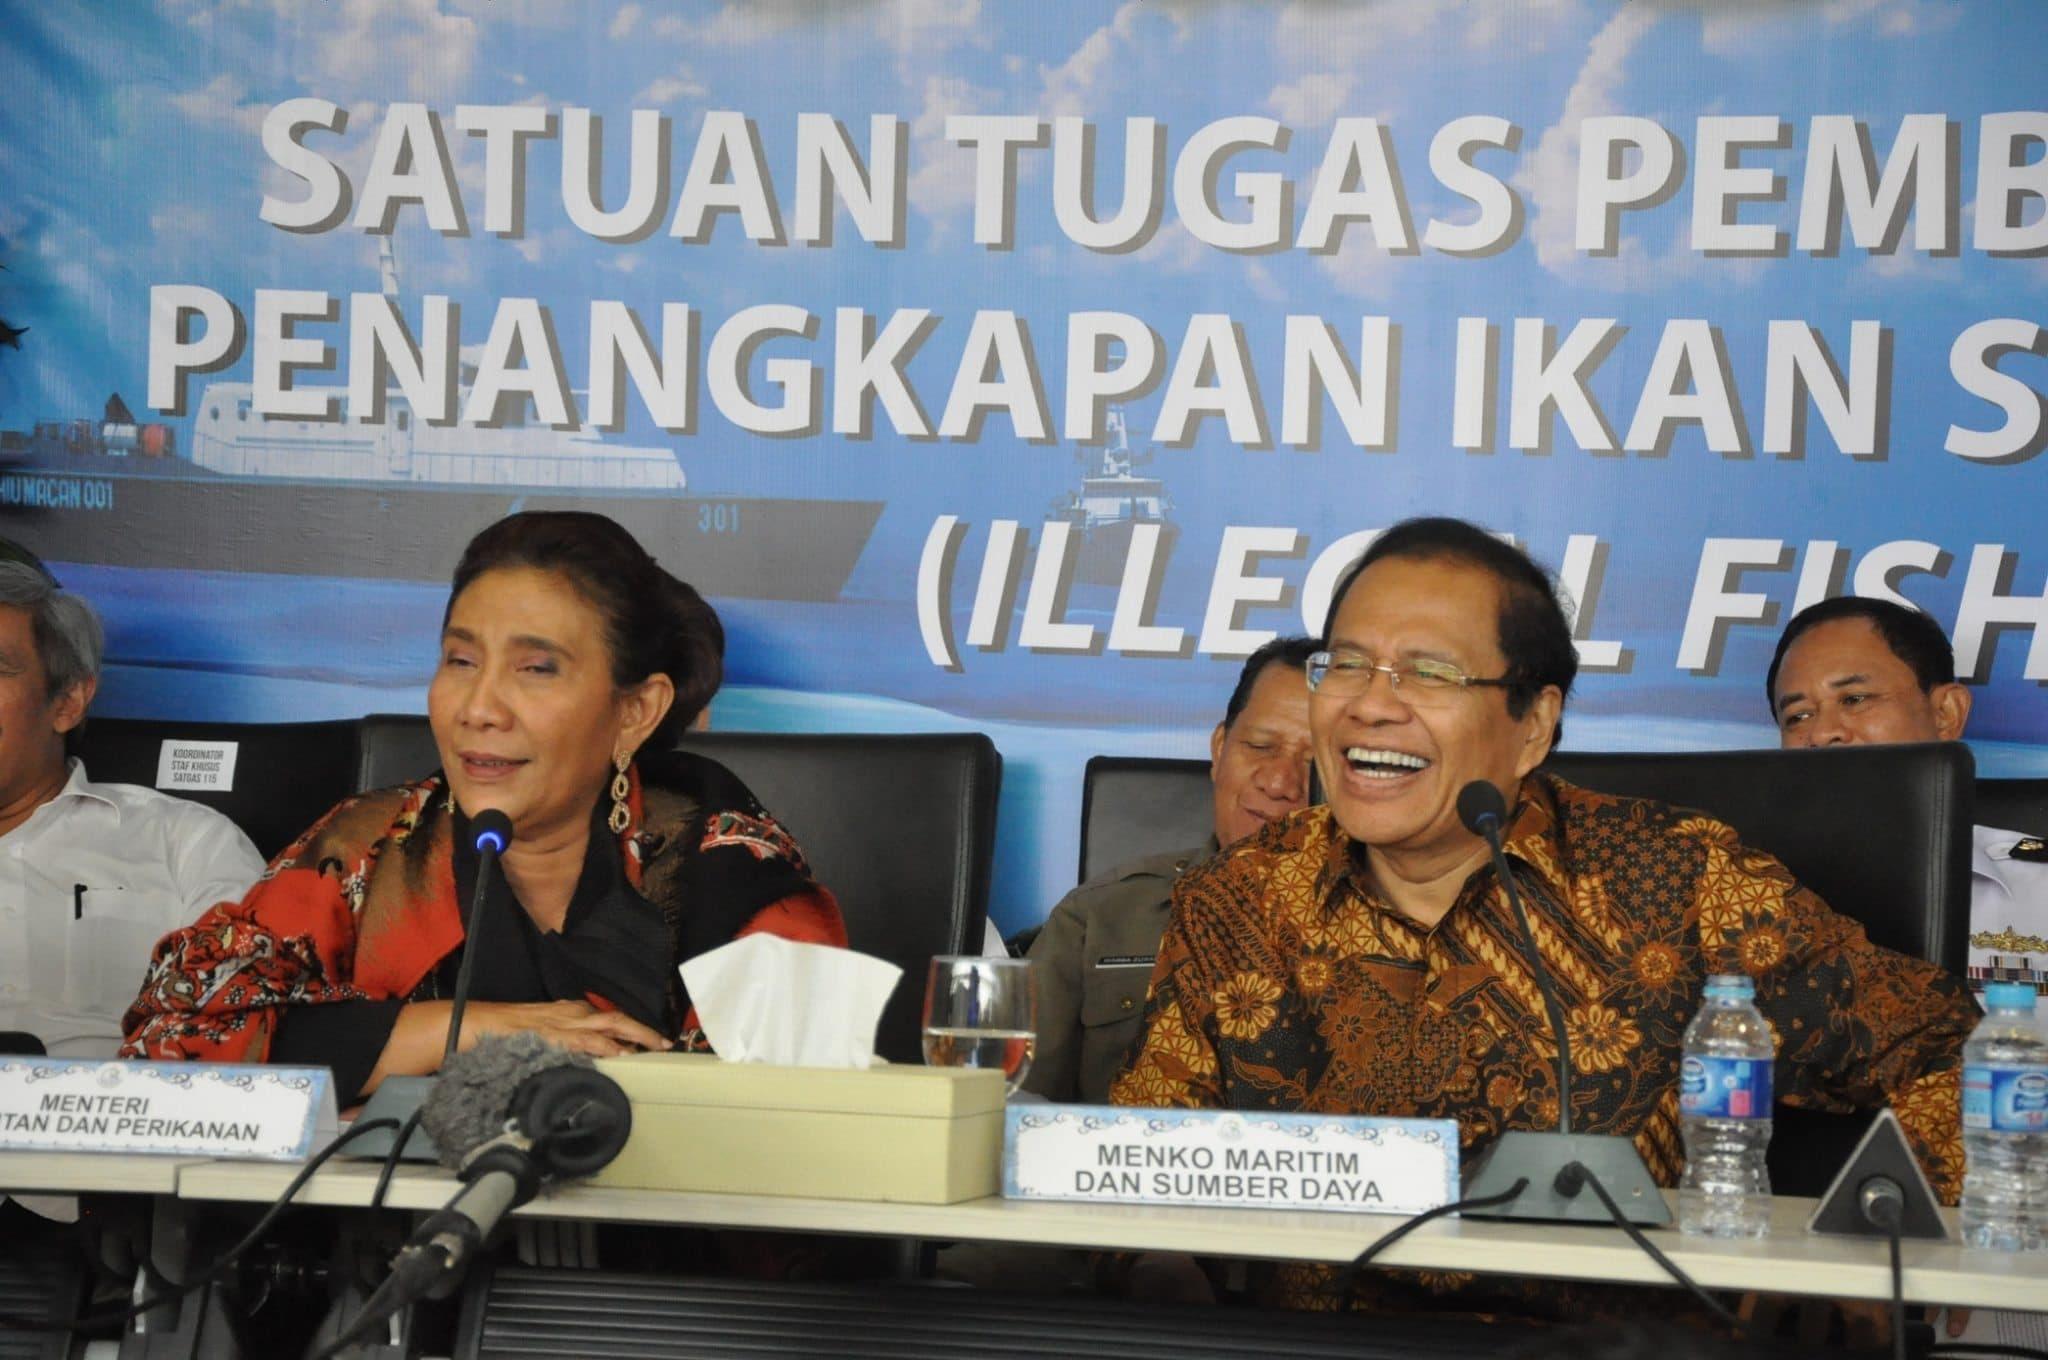 Menko Rizal Ramli Menyaksikan Peledakan Kapal Pencuri Ikan